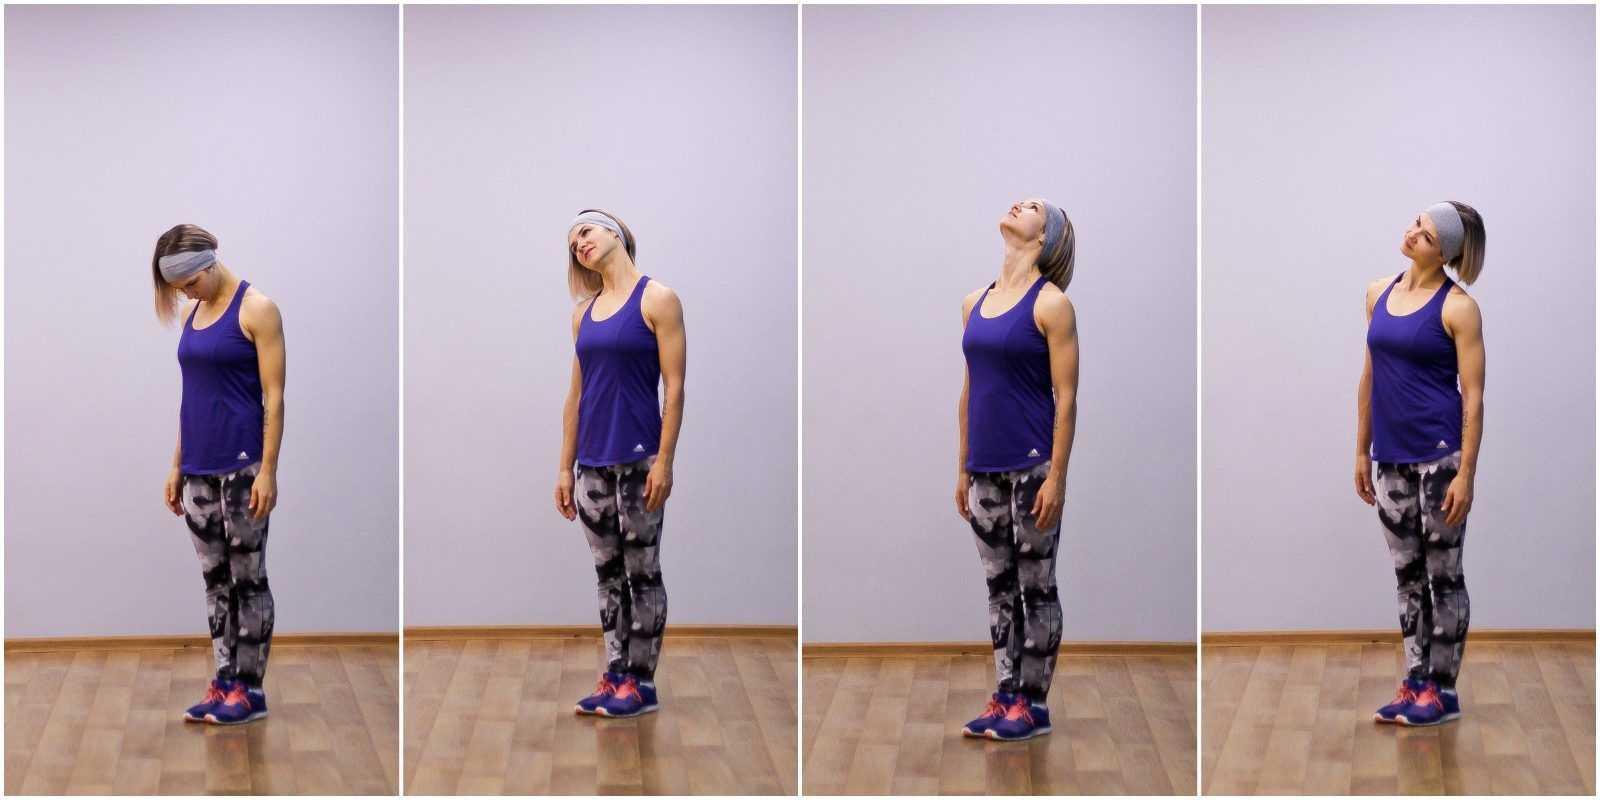 Интервальные тренировки для похудения и сжигания жира | women planet